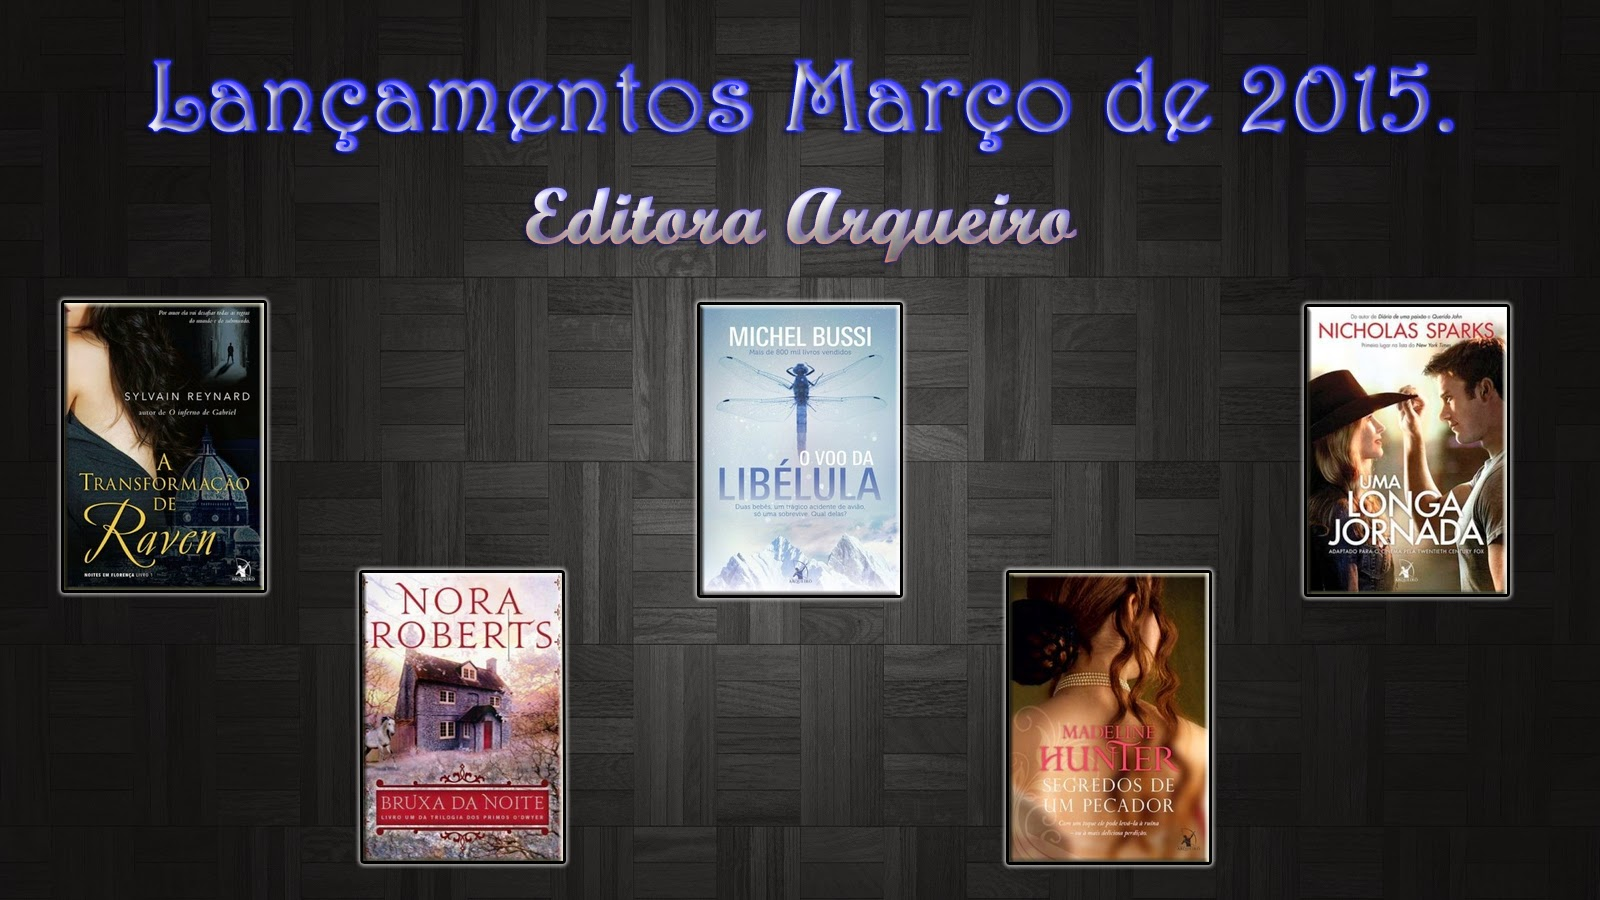 http://livrosetalgroup.blogspot.com.br/p/lancamento-editora-arqueiro-marco-de.html